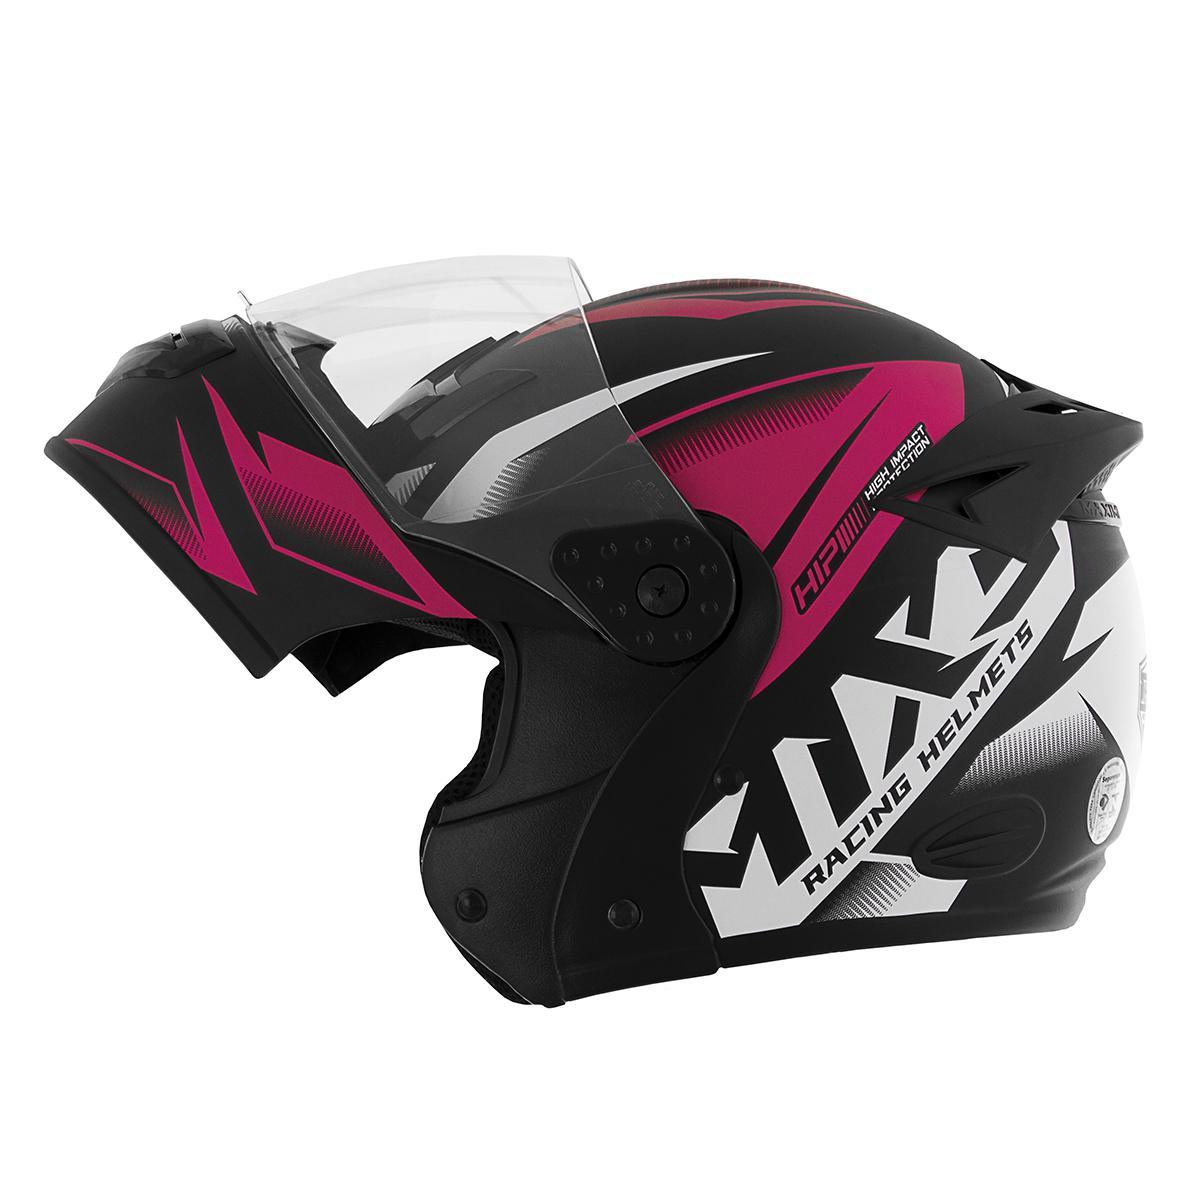 Capacete de moto Mixs Gladiator Storm escamoteável preto/rosa